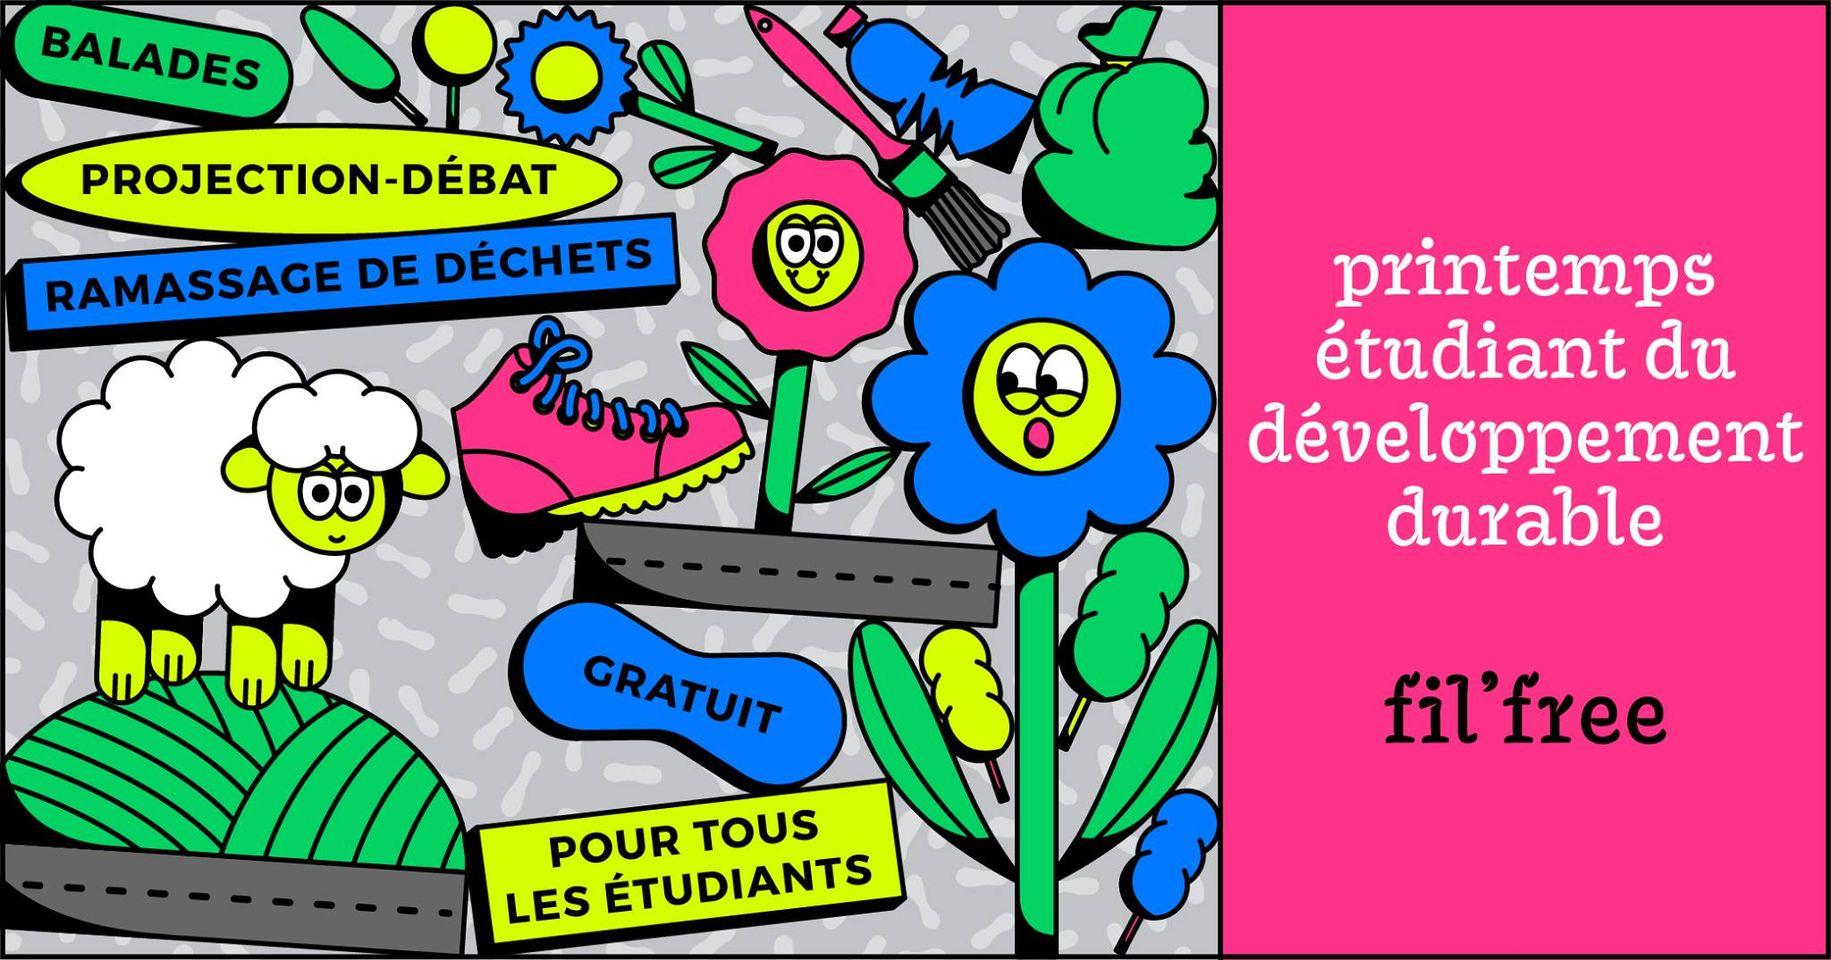 FIL'FREE : Printemps étudiant du développement durable (Lyon Saint-Etienne)